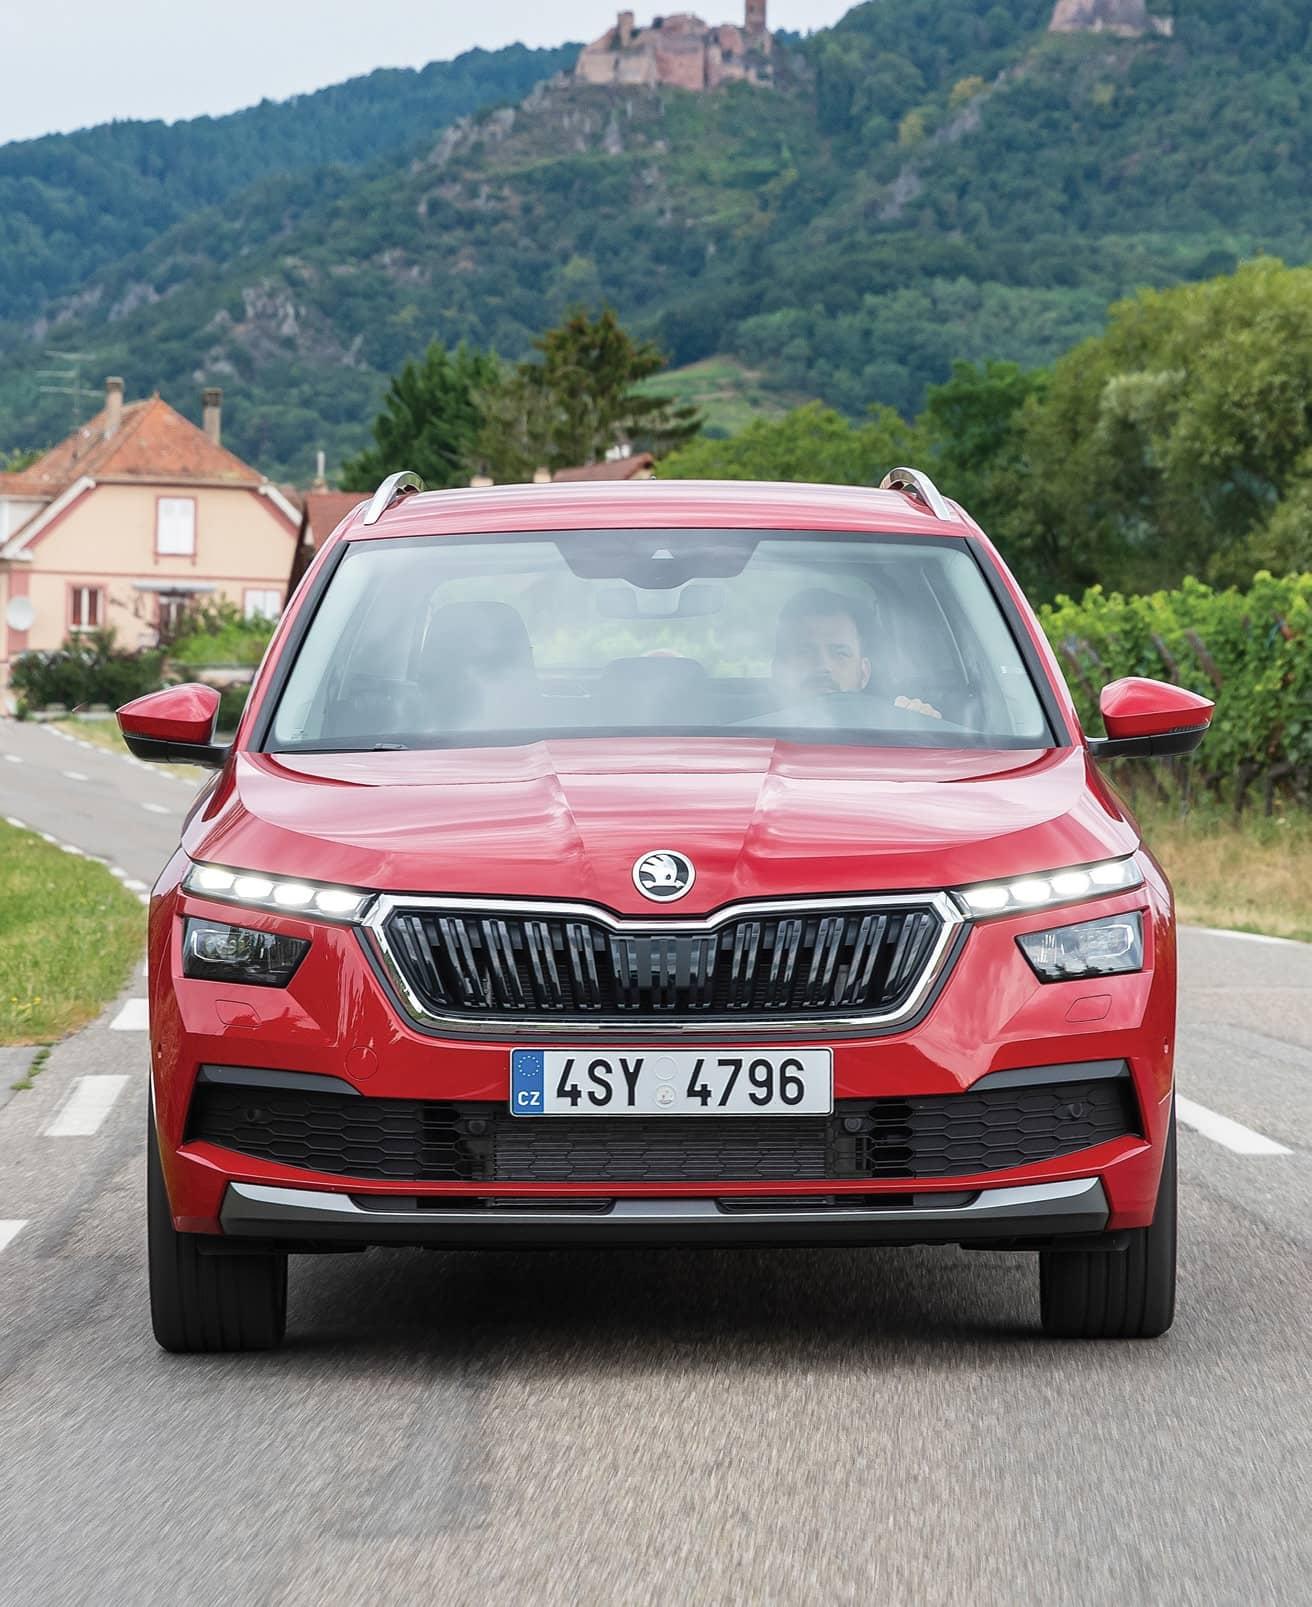 Skoda Kamiq - Czech Brand's Smallest SUV Driven